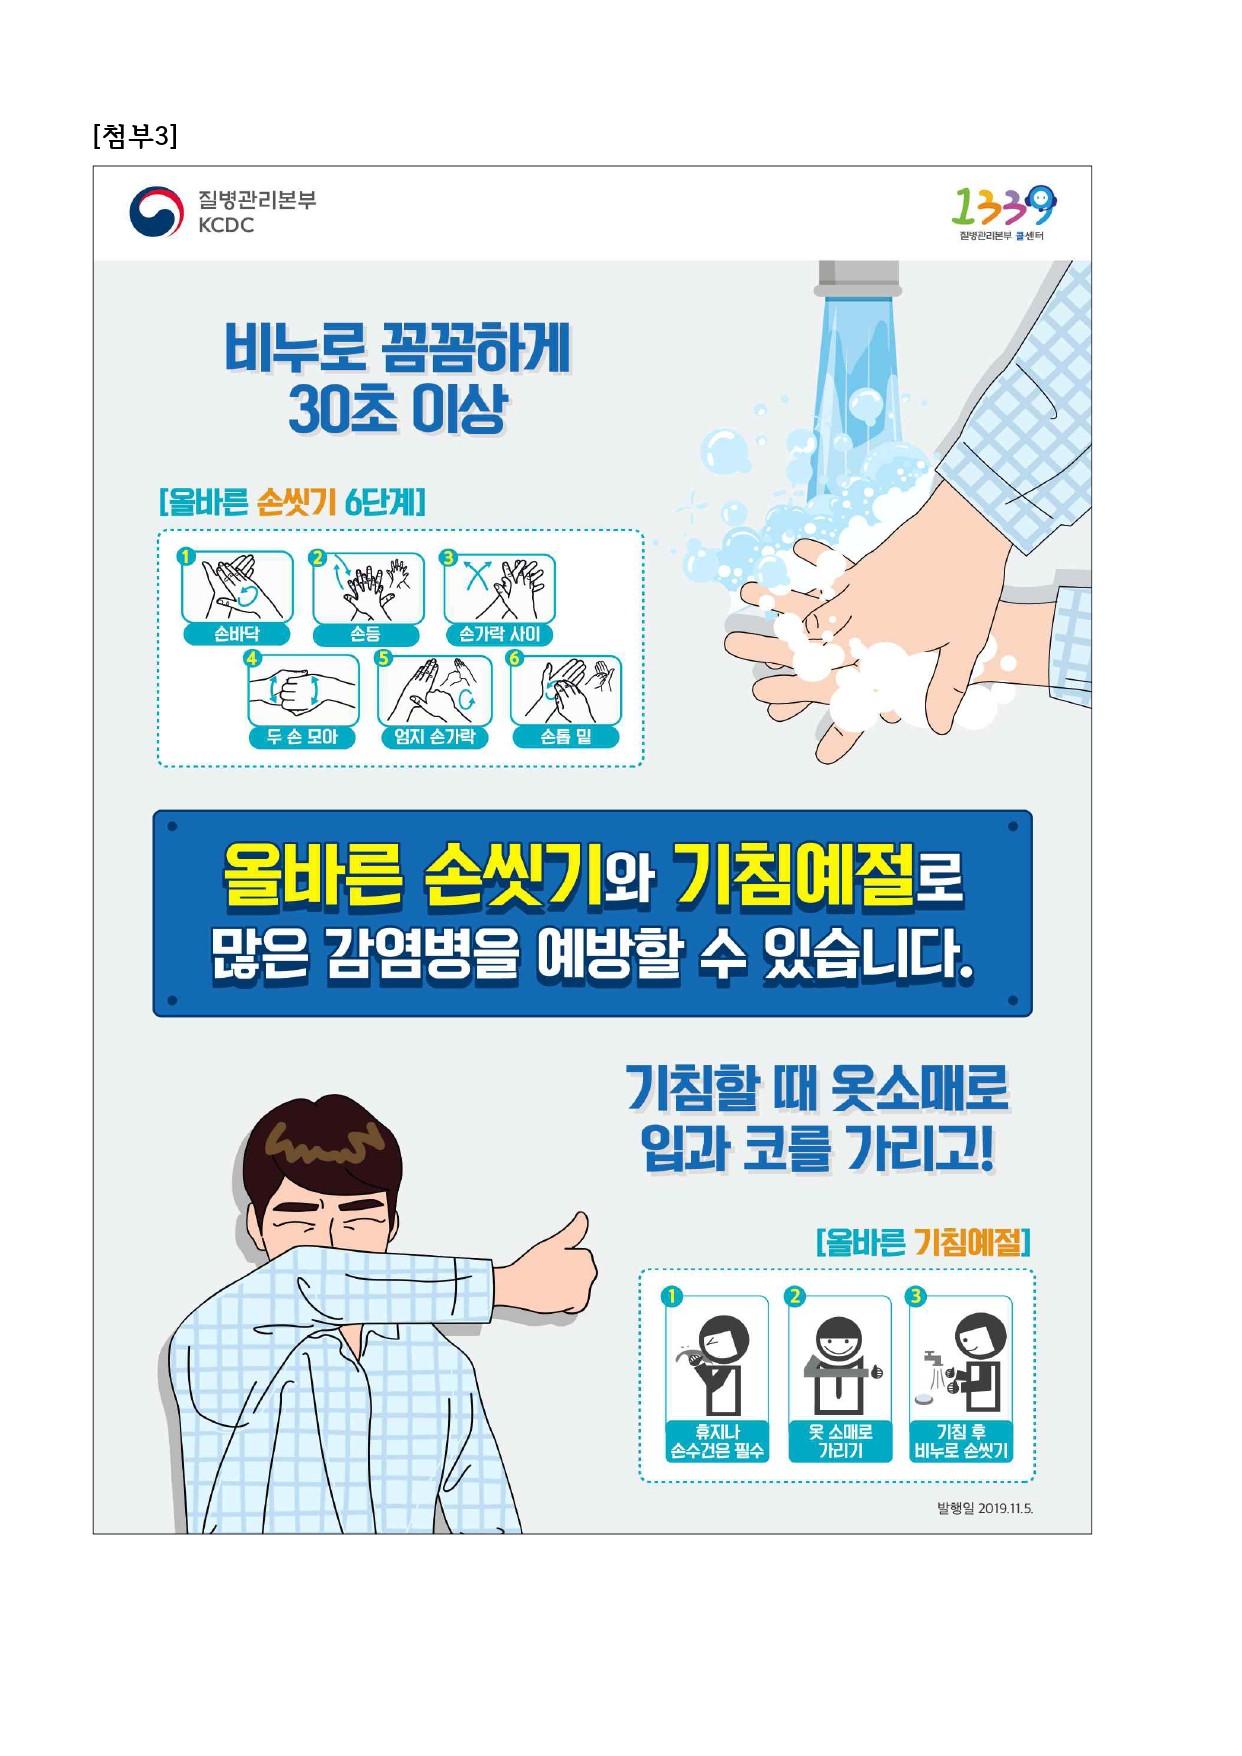 방과후학교 코로나19 대응 방안(2020. 05. 11. 목원스마트스쿨)-5.jpg